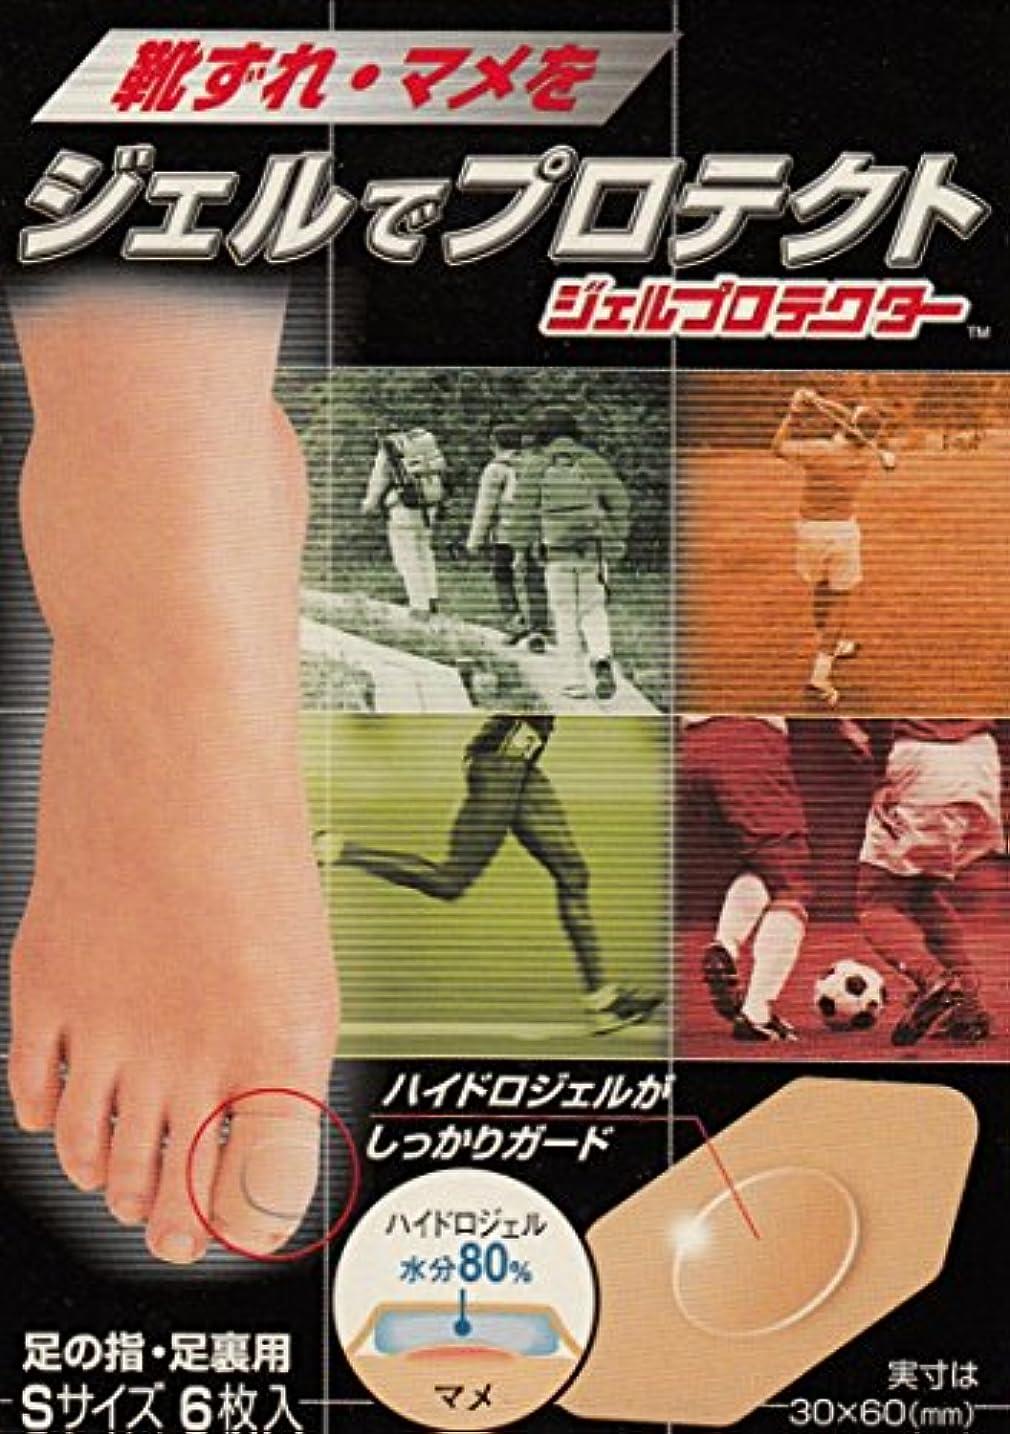 月ジェムマウント【ニチバン】バトルウィン ジェルプロテクター 足の指?足裏用 Sサイズ6枚 ×5個セット